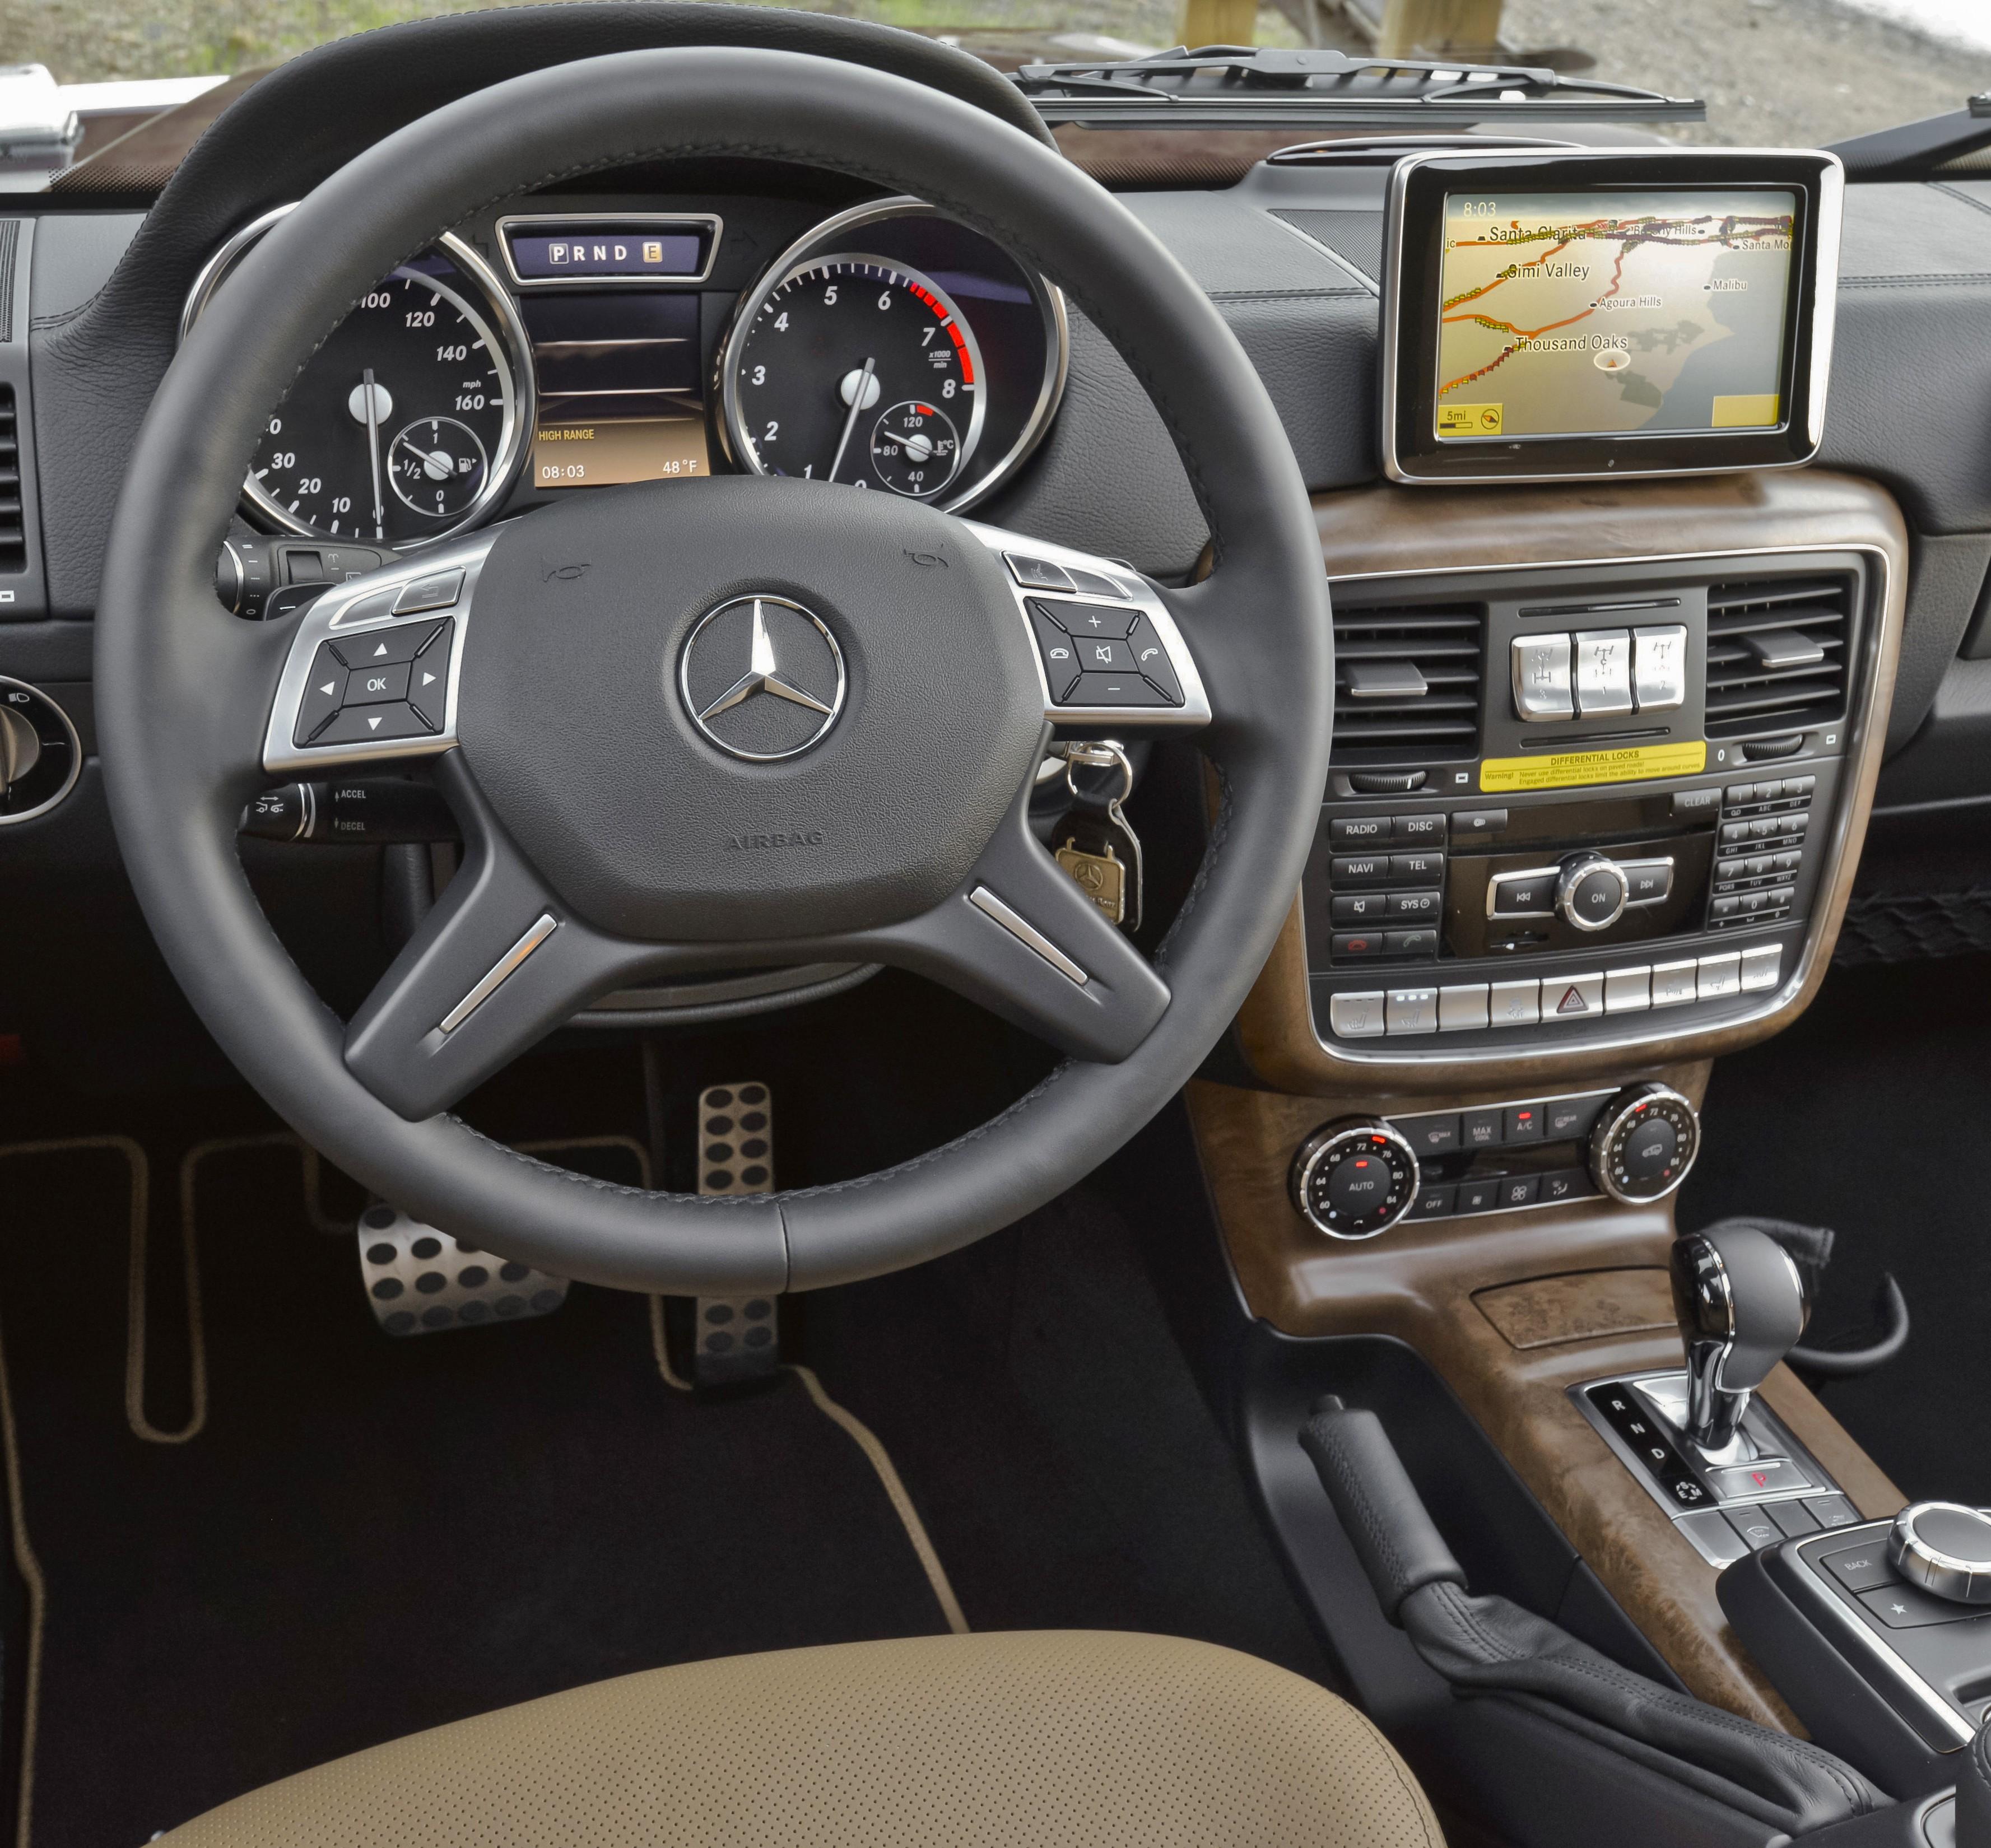 2013 Mercedes-Benz G550.